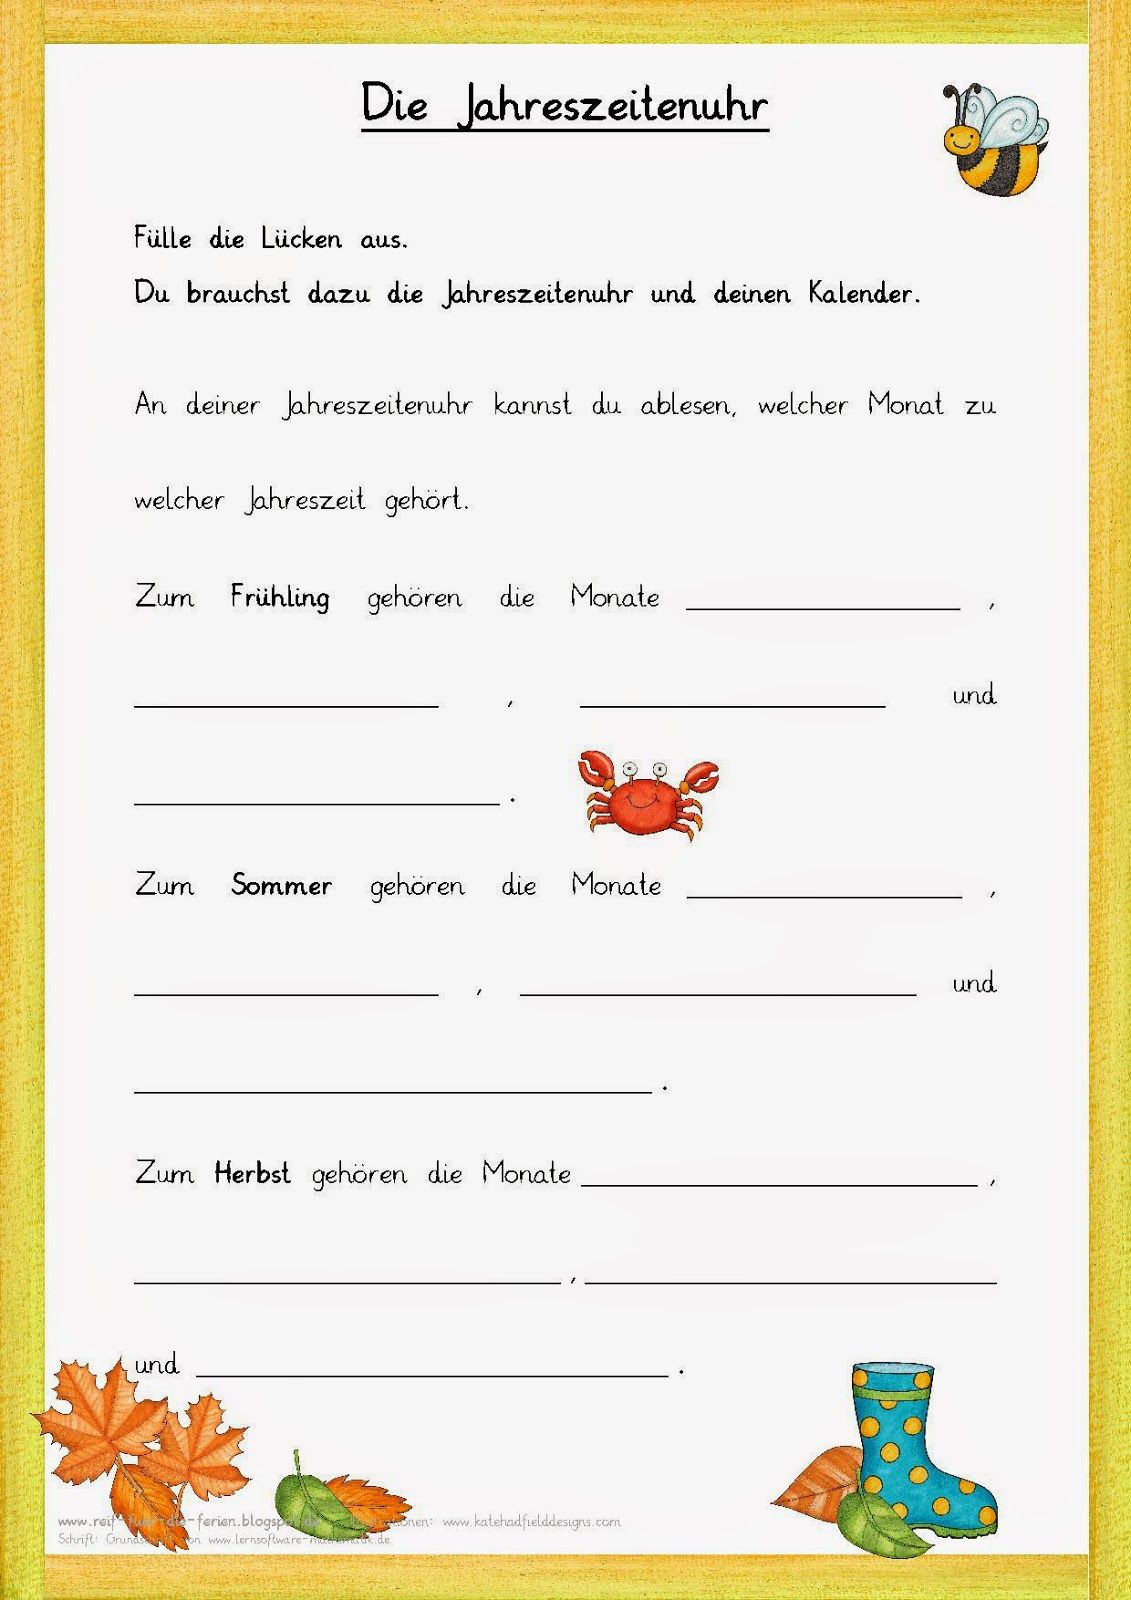 Jahreszeitenuhr - Lückentext | Bildung | Pinterest | Schule ...